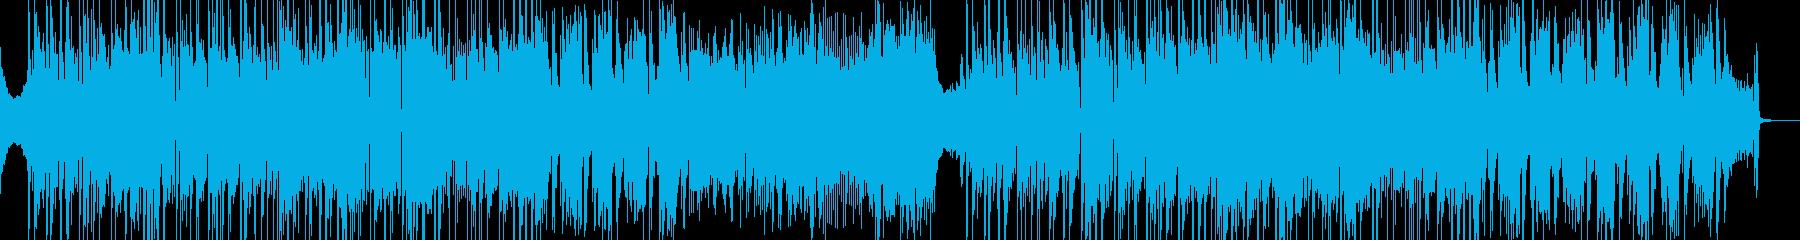 疾走感を加えたオシャレなR&B 短尺の再生済みの波形